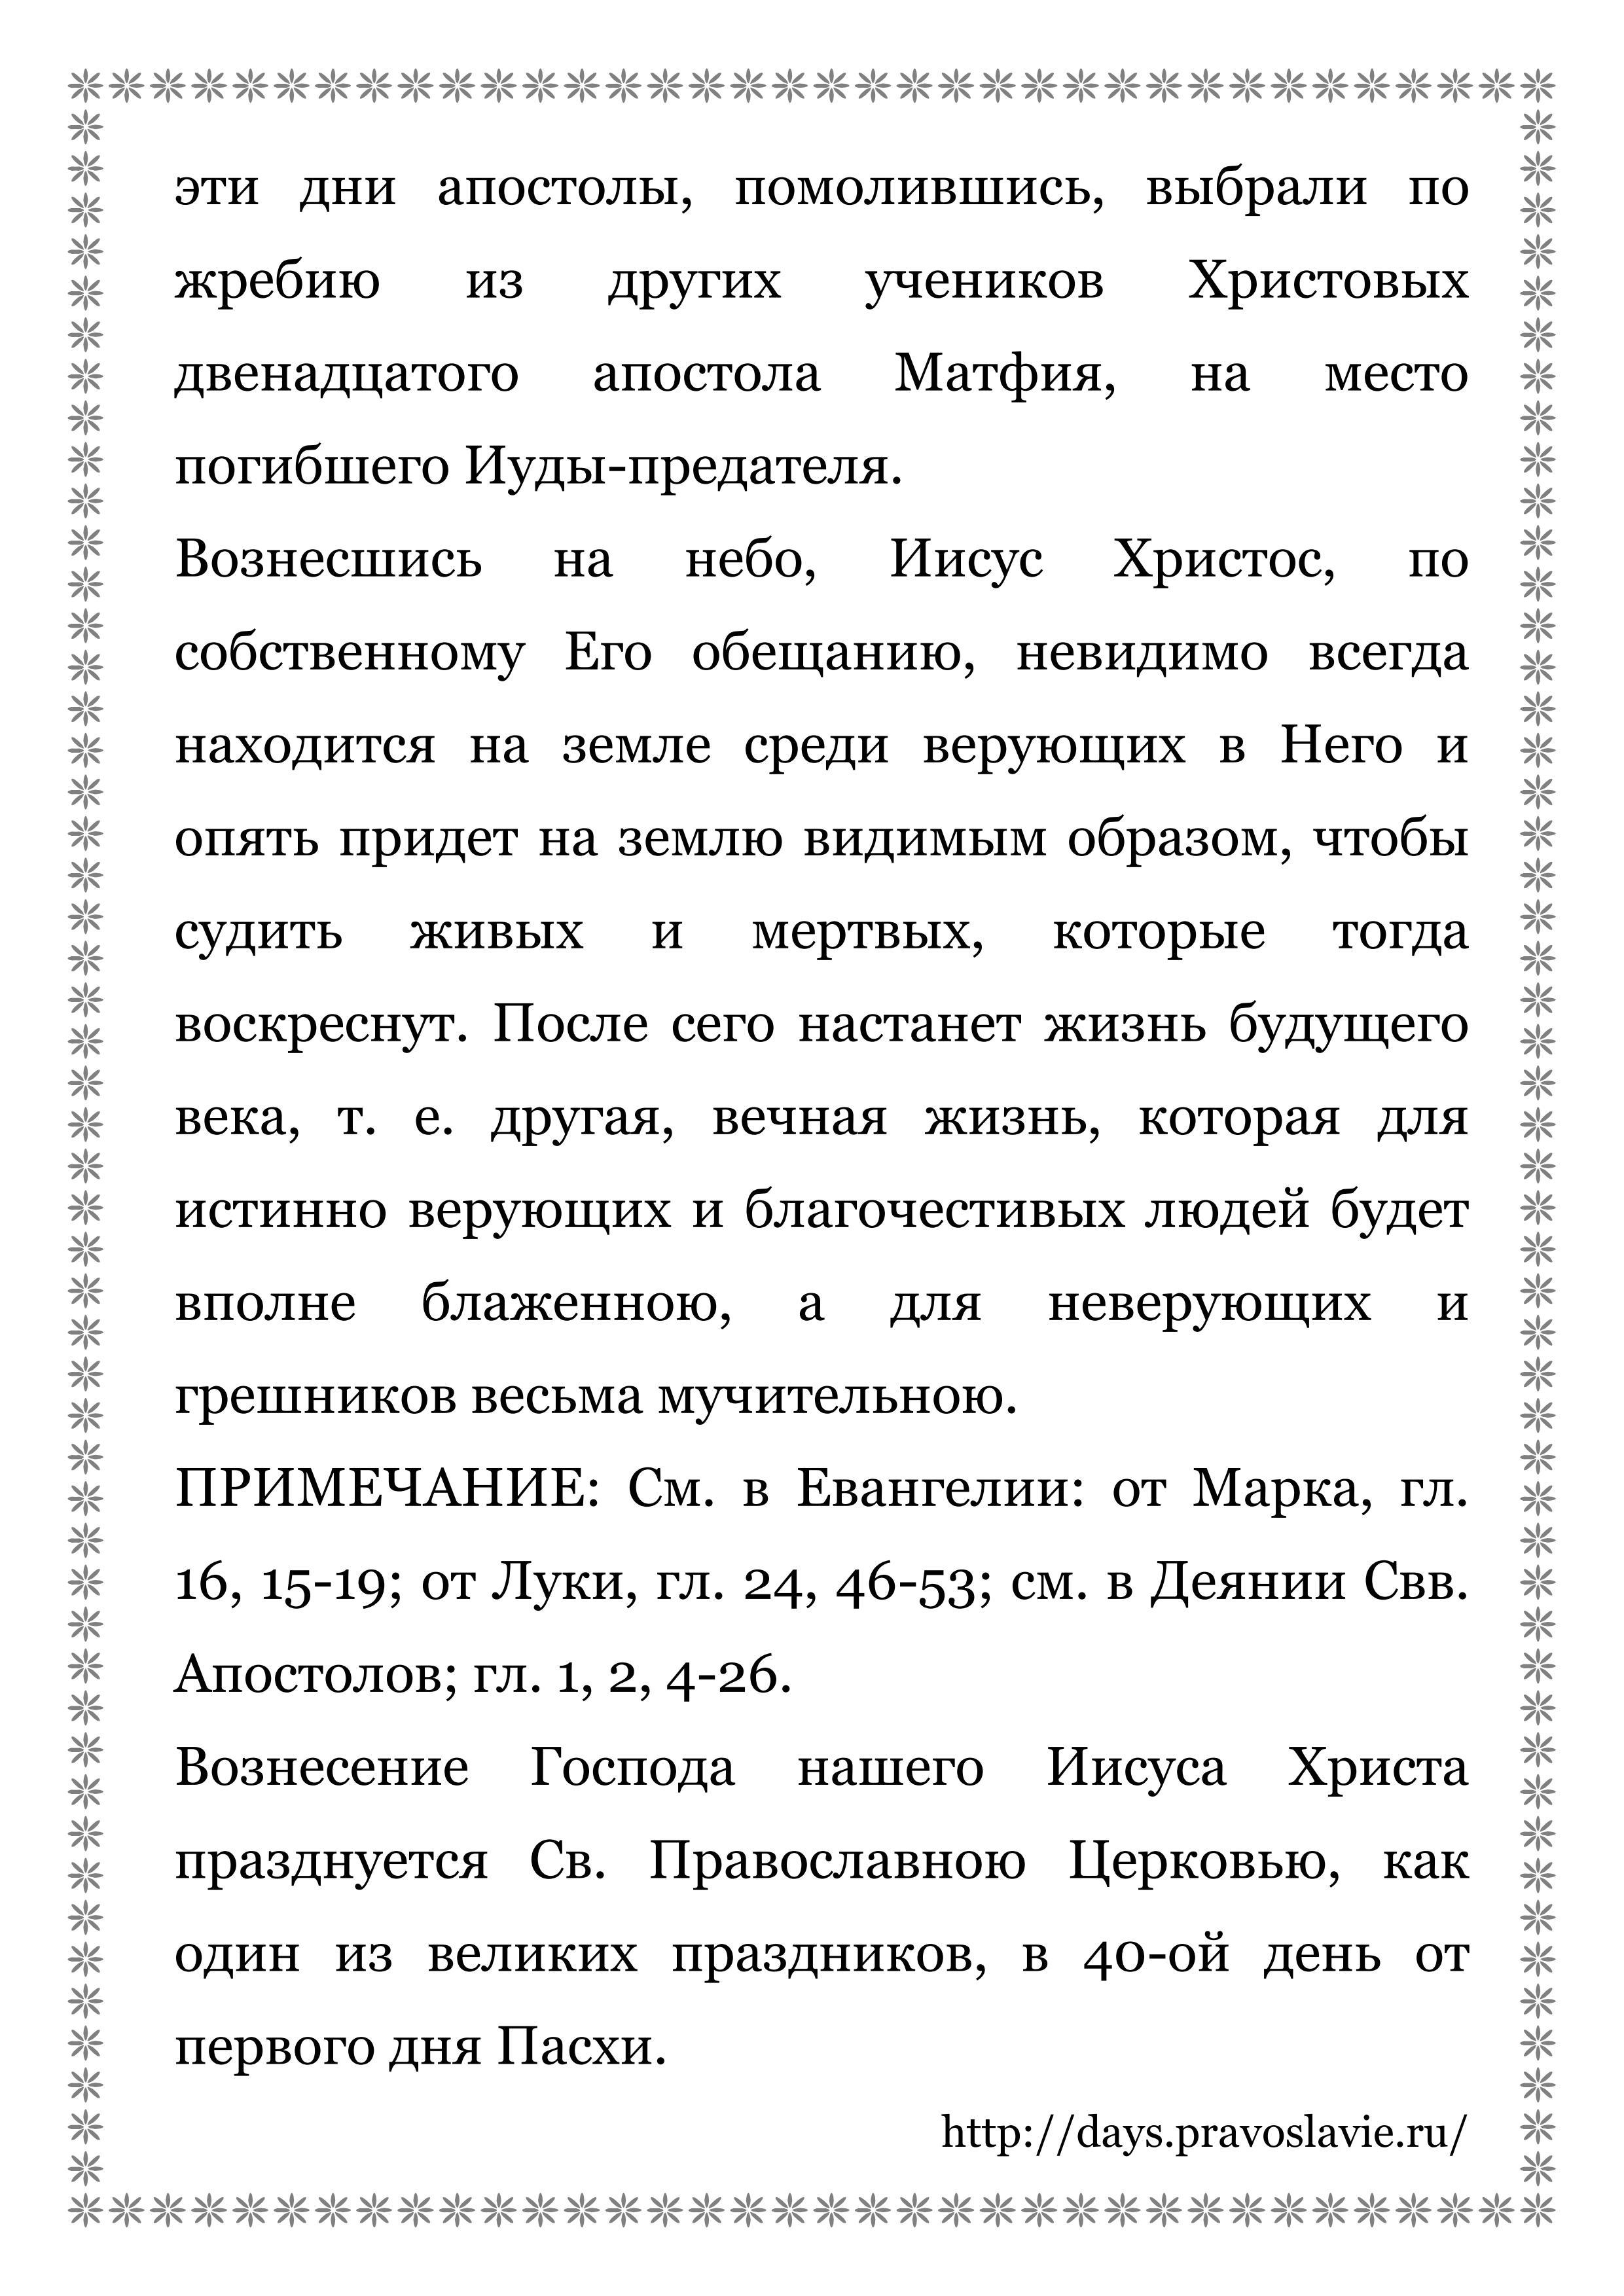 Вознесение_05